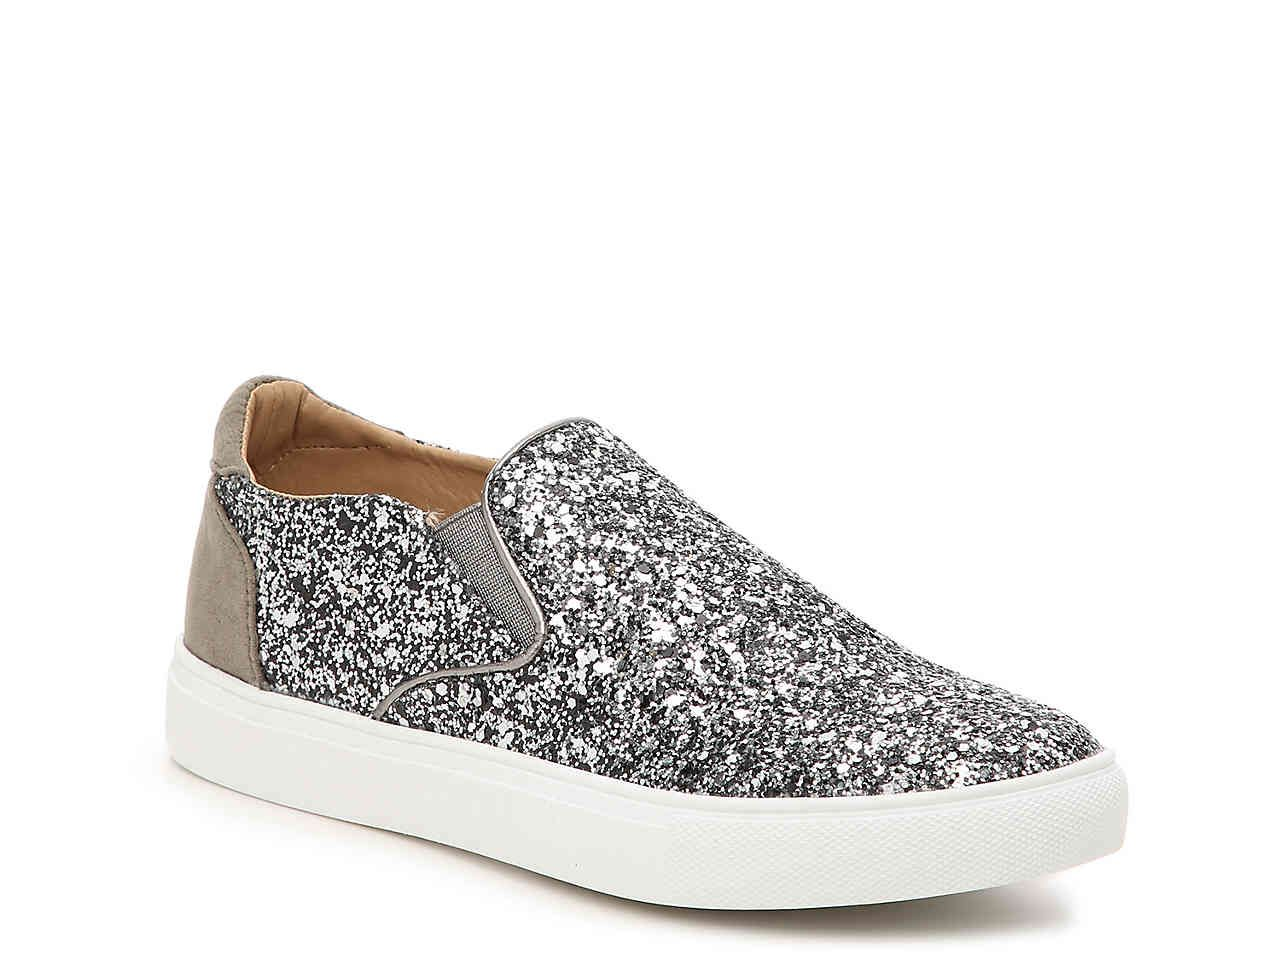 453dcfa49d214 Steve Madden Ram Slip-On Sneaker - Women s